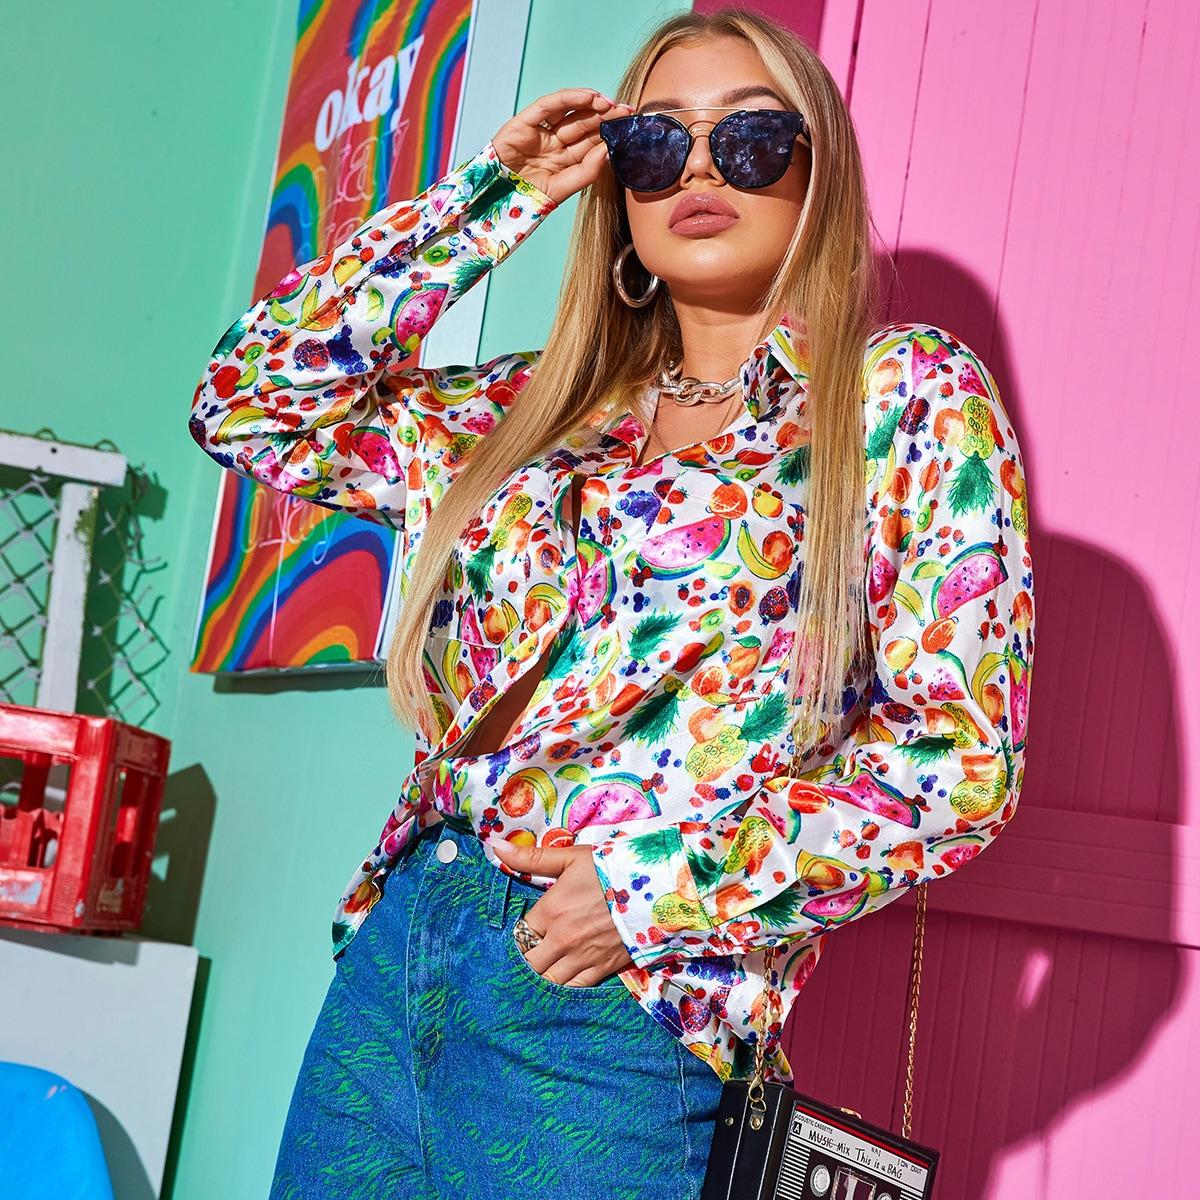 Атласная блузка с принтом фруктов и карманом фото